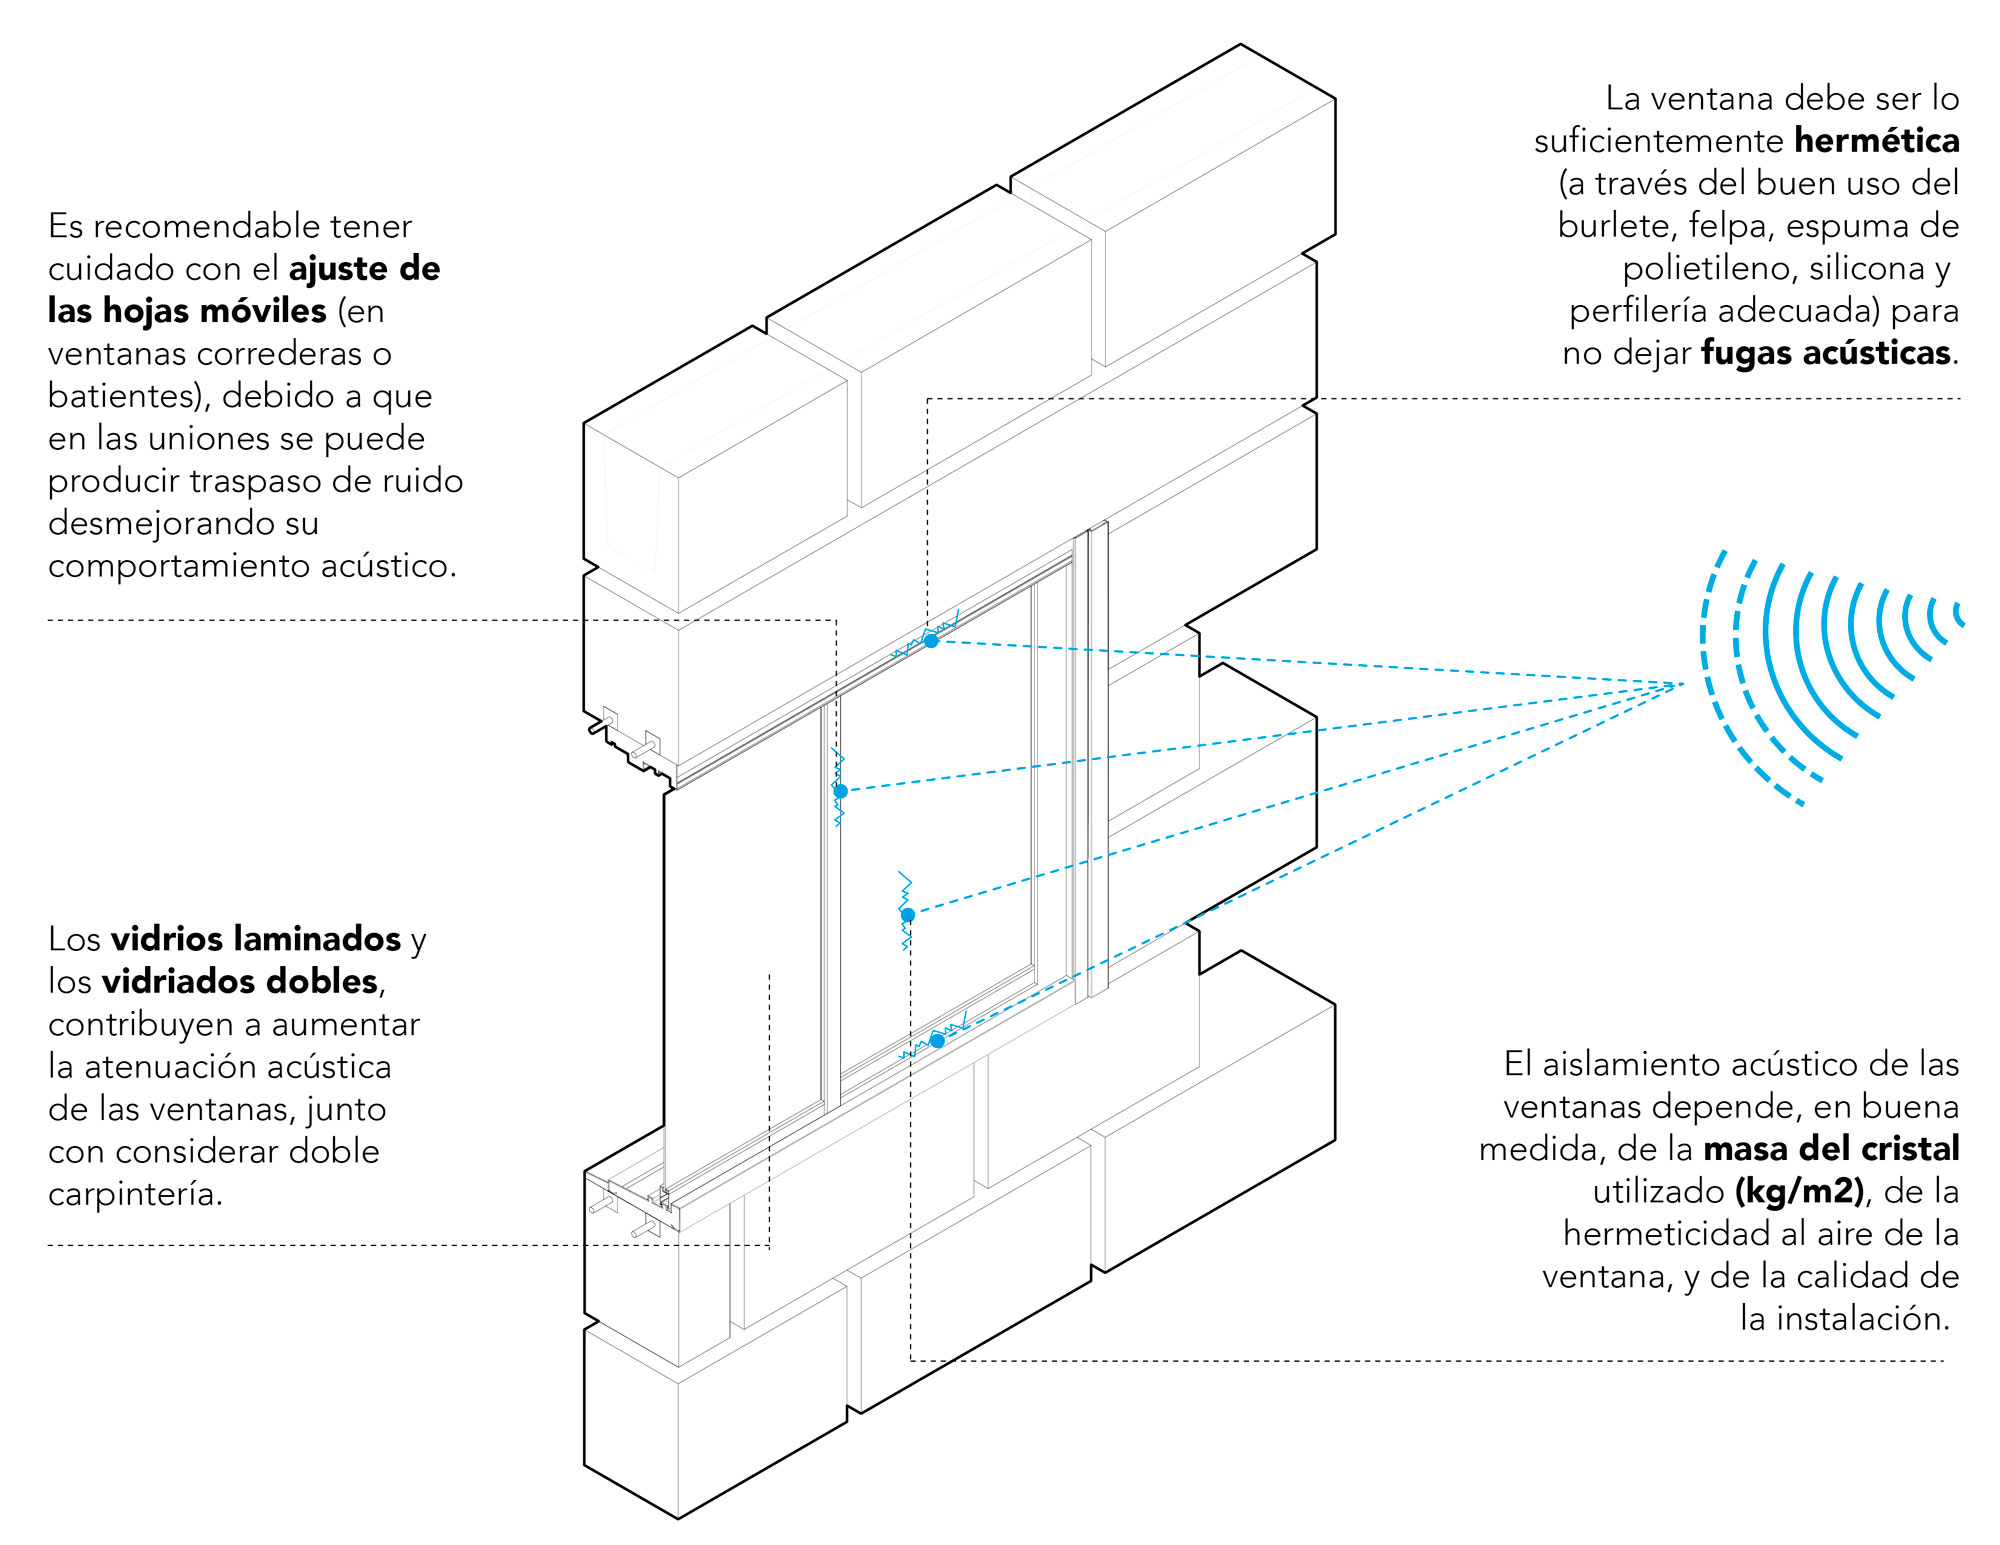 Exigencias acústicas, ventanas, OGUC, Chile.